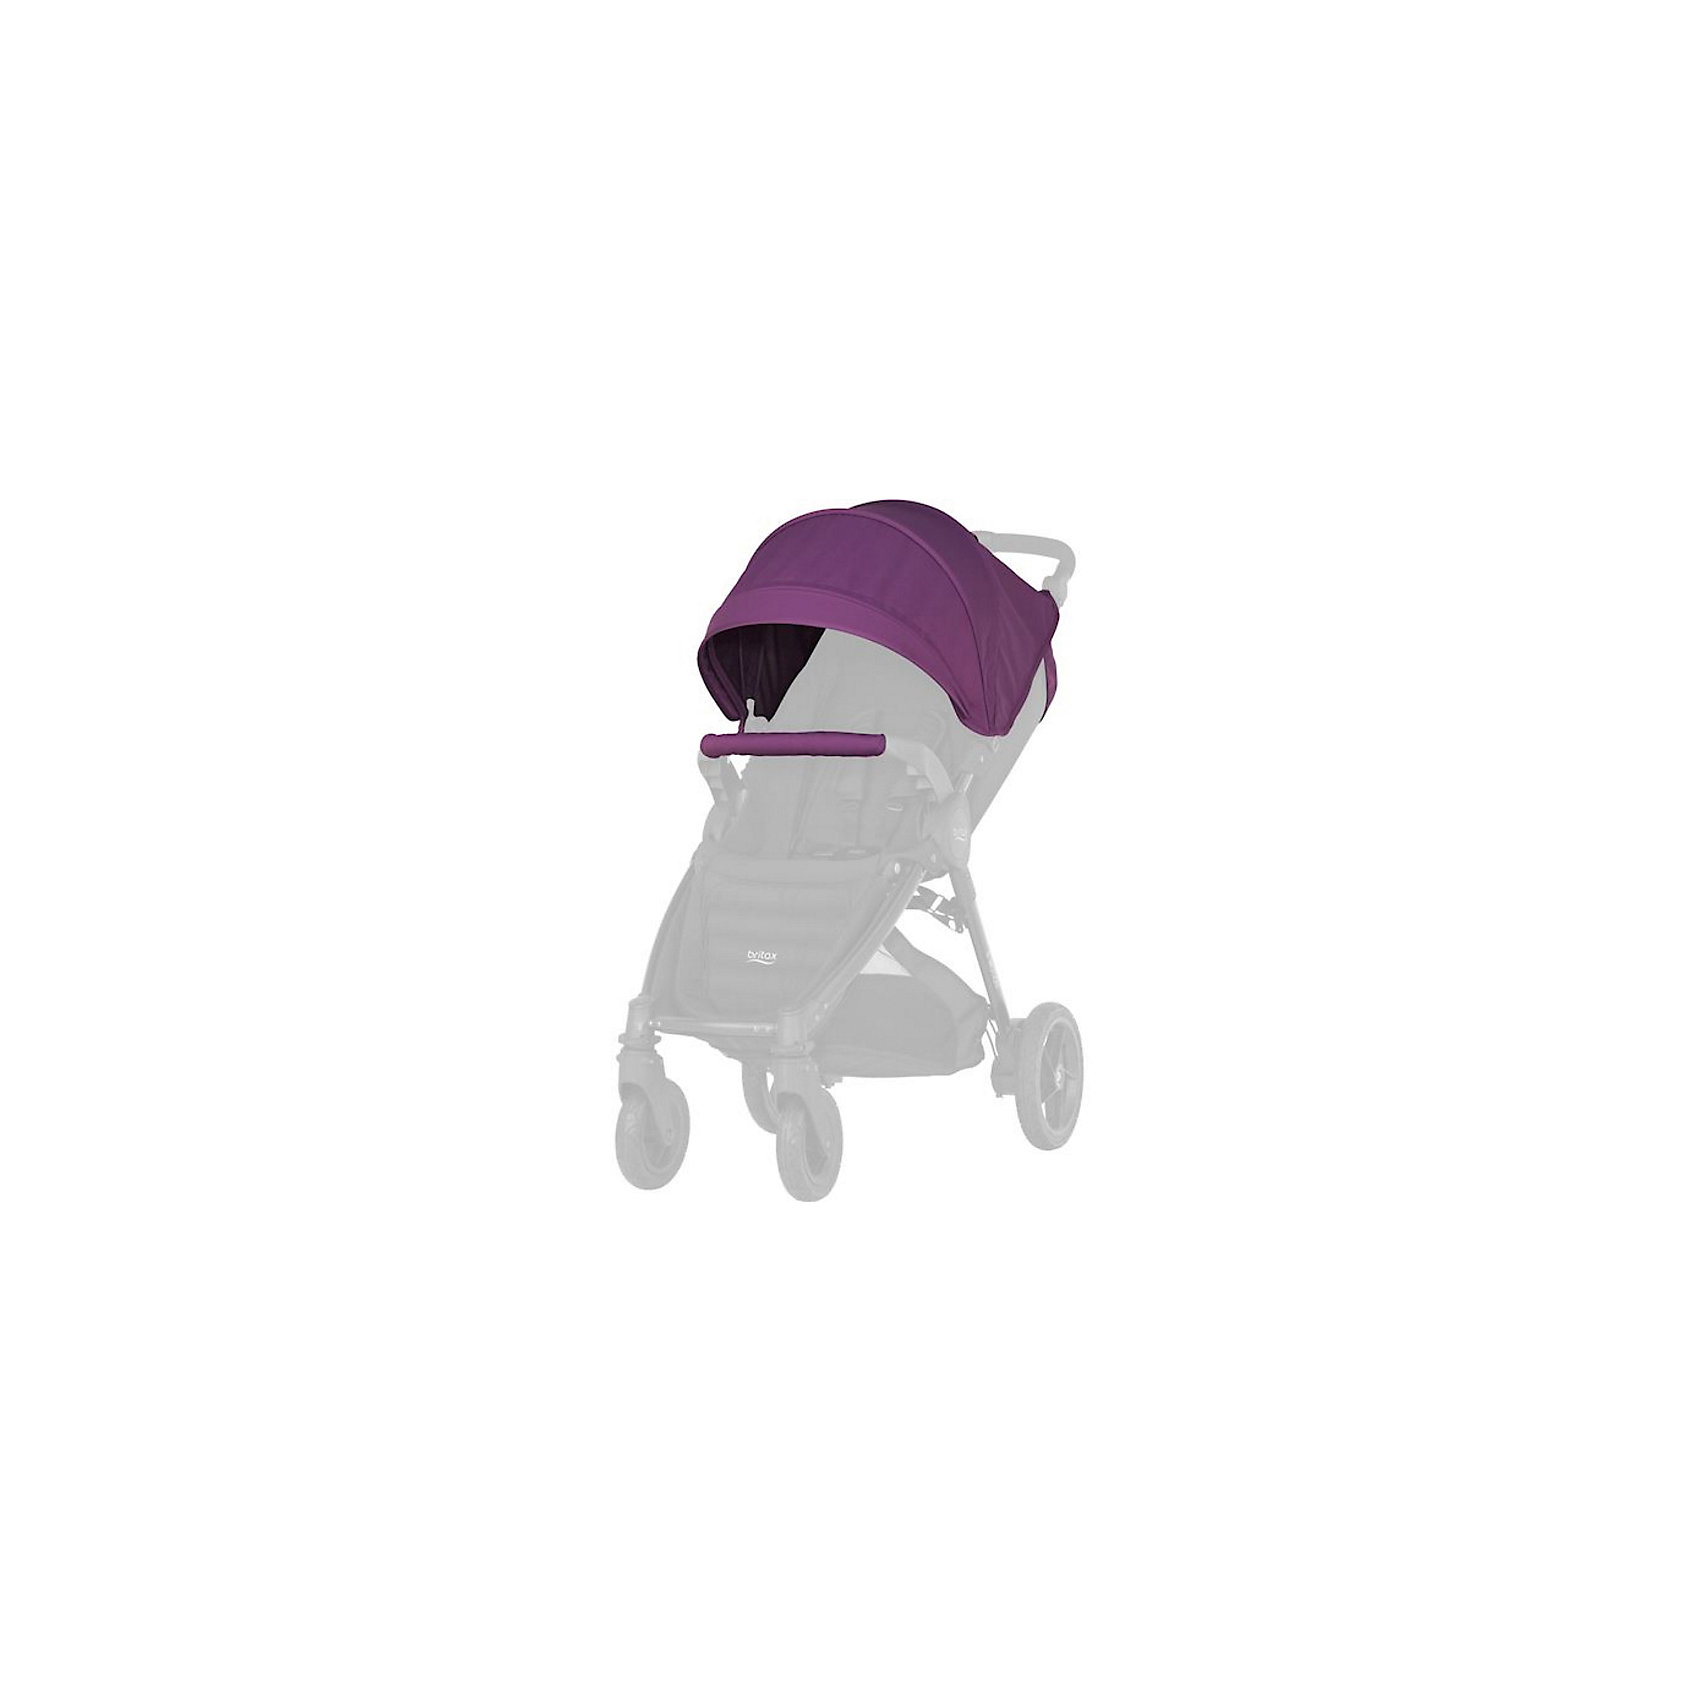 Капор для коляски B-Agile/ B-Motion 4 Plus, Britax, Mineral LilacАксессуары для колясок<br>Капор с большим козырьком для прогулок в любую погоду. Совместима с: B-AGILE 4 PLUS, B-MOTION 4 PLUS.  обеспечит дополнительную защиту от ветра, дождя, снега или солнца. Большой выбор расцветок на выбор. Легко и просто устанавливается на коляску. Вес капора: 1 кг<br><br>Ширина мм: 440<br>Глубина мм: 510<br>Высота мм: 100<br>Вес г: 1300<br>Возраст от месяцев: 0<br>Возраст до месяцев: 48<br>Пол: Унисекс<br>Возраст: Детский<br>SKU: 5484728